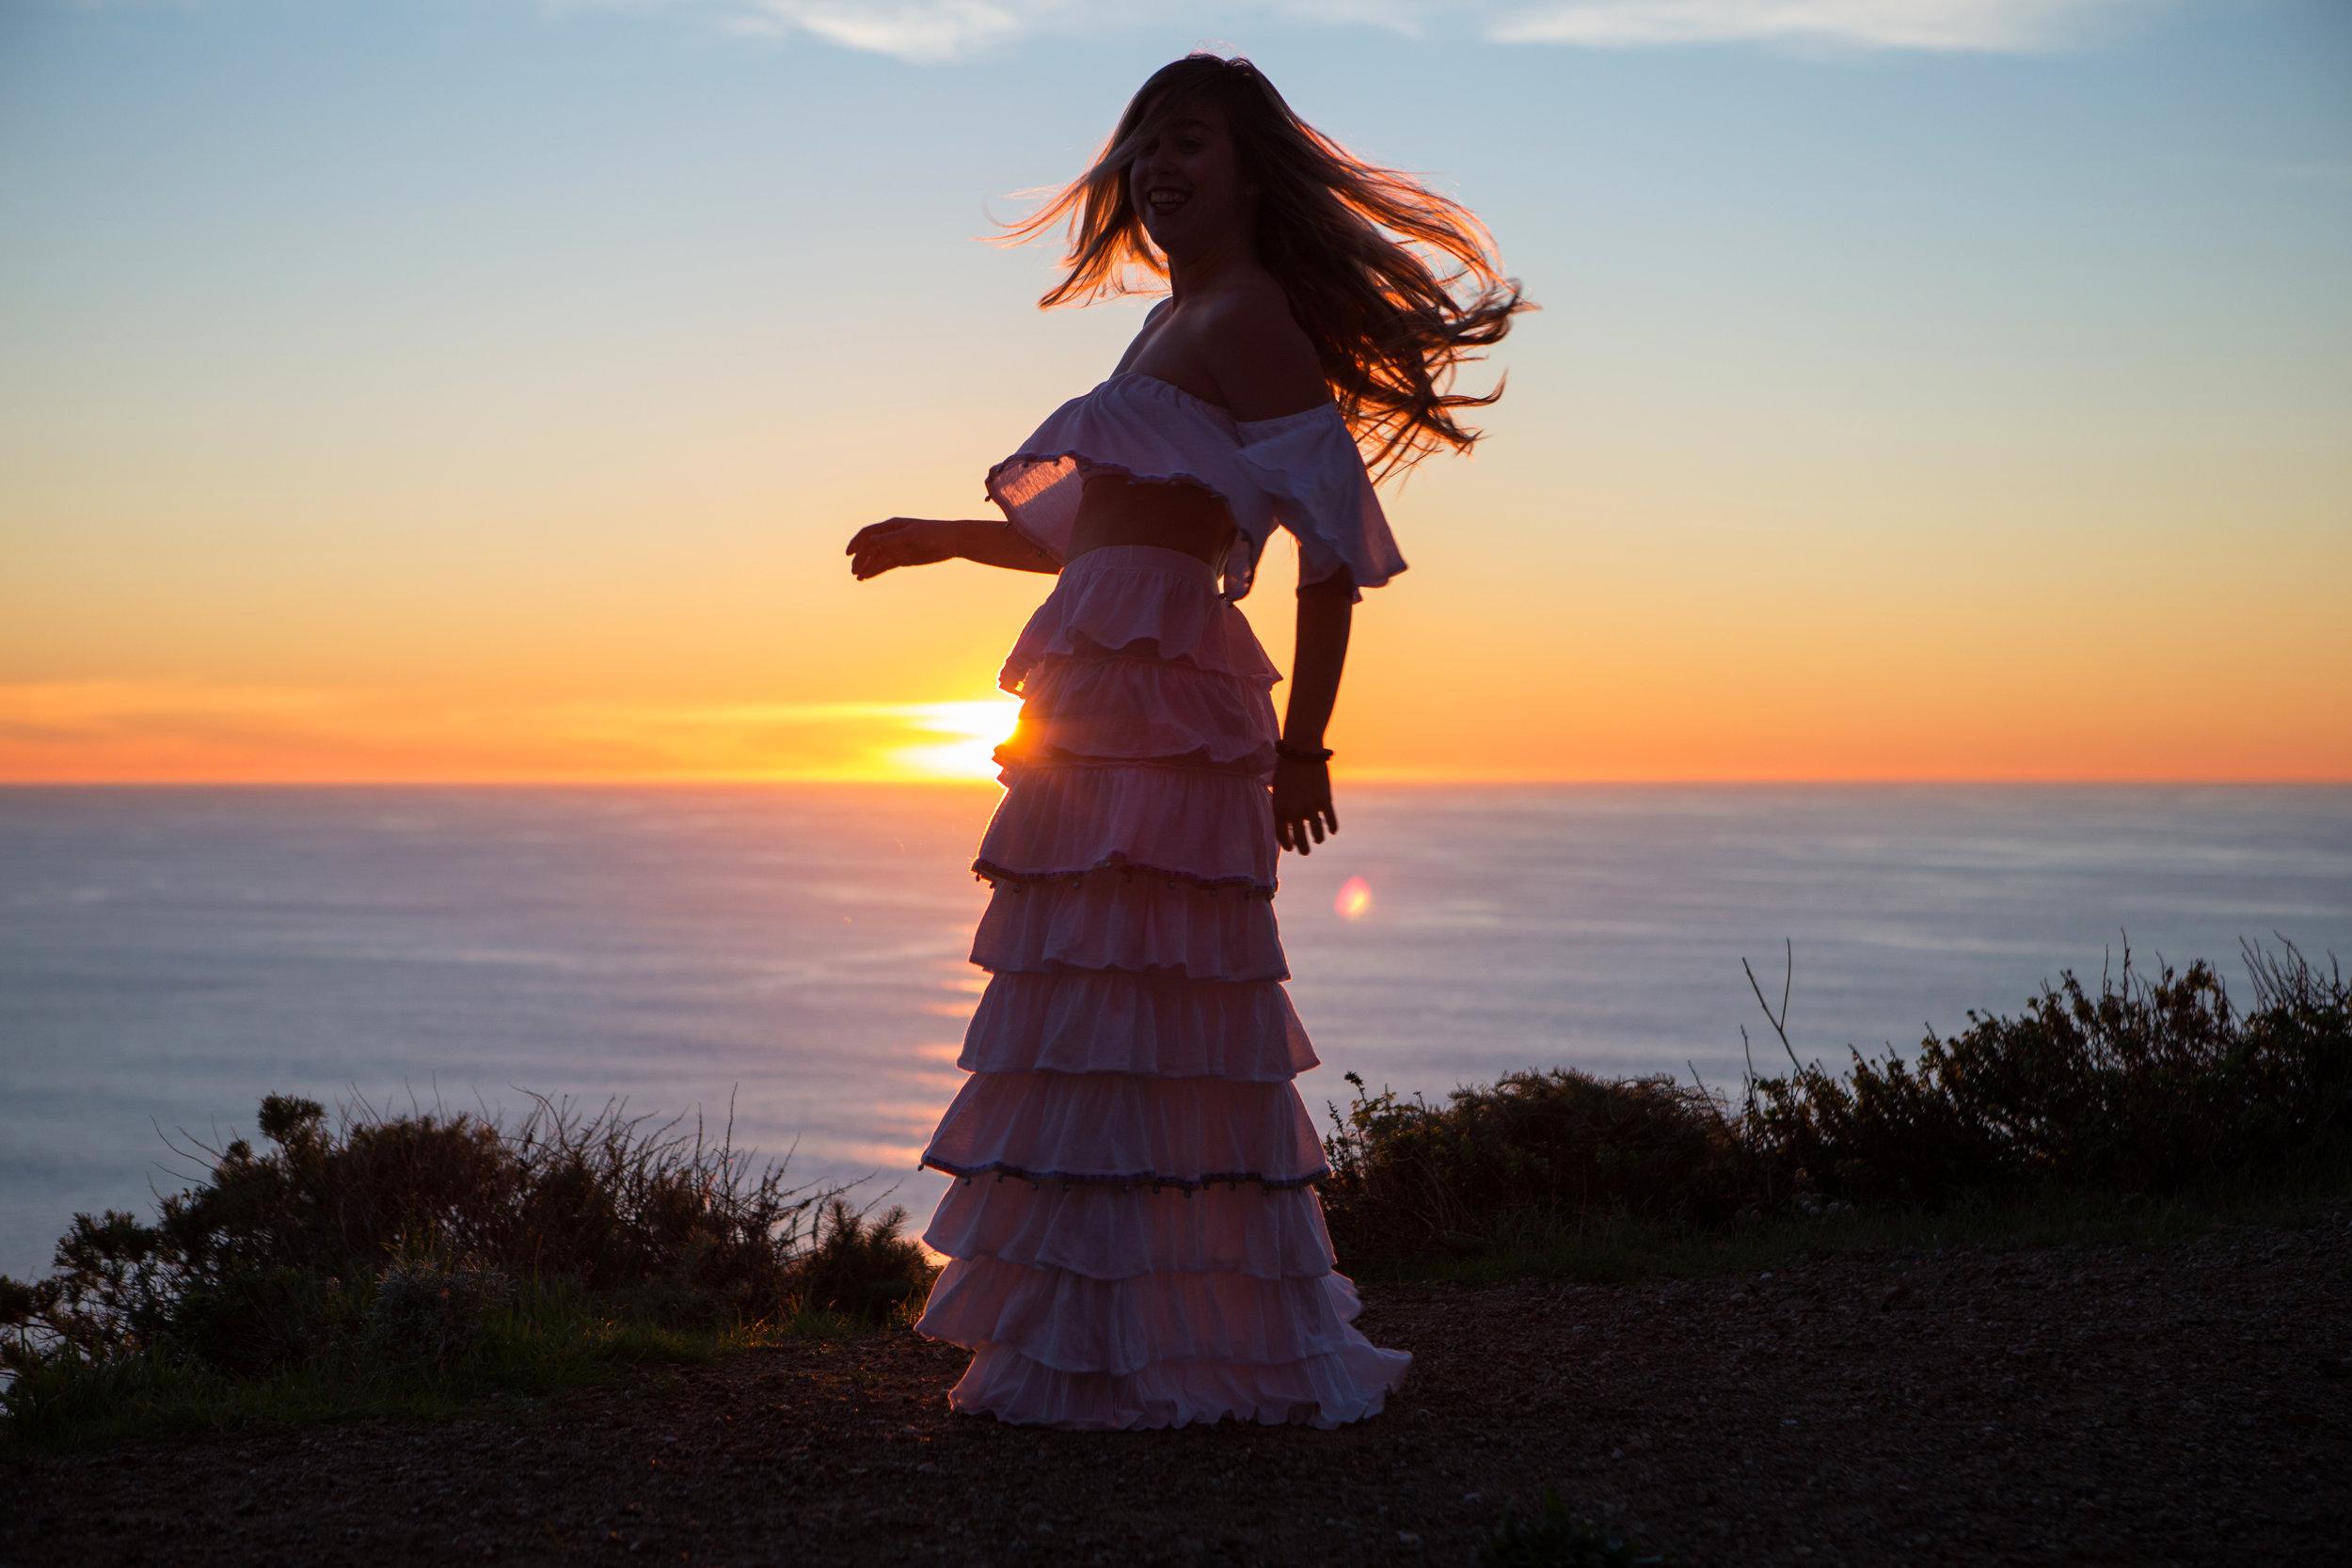 JordanRose_AstroBandit_Pitusa_BigSur_Sunset_WhiteRuffles_2.jpg